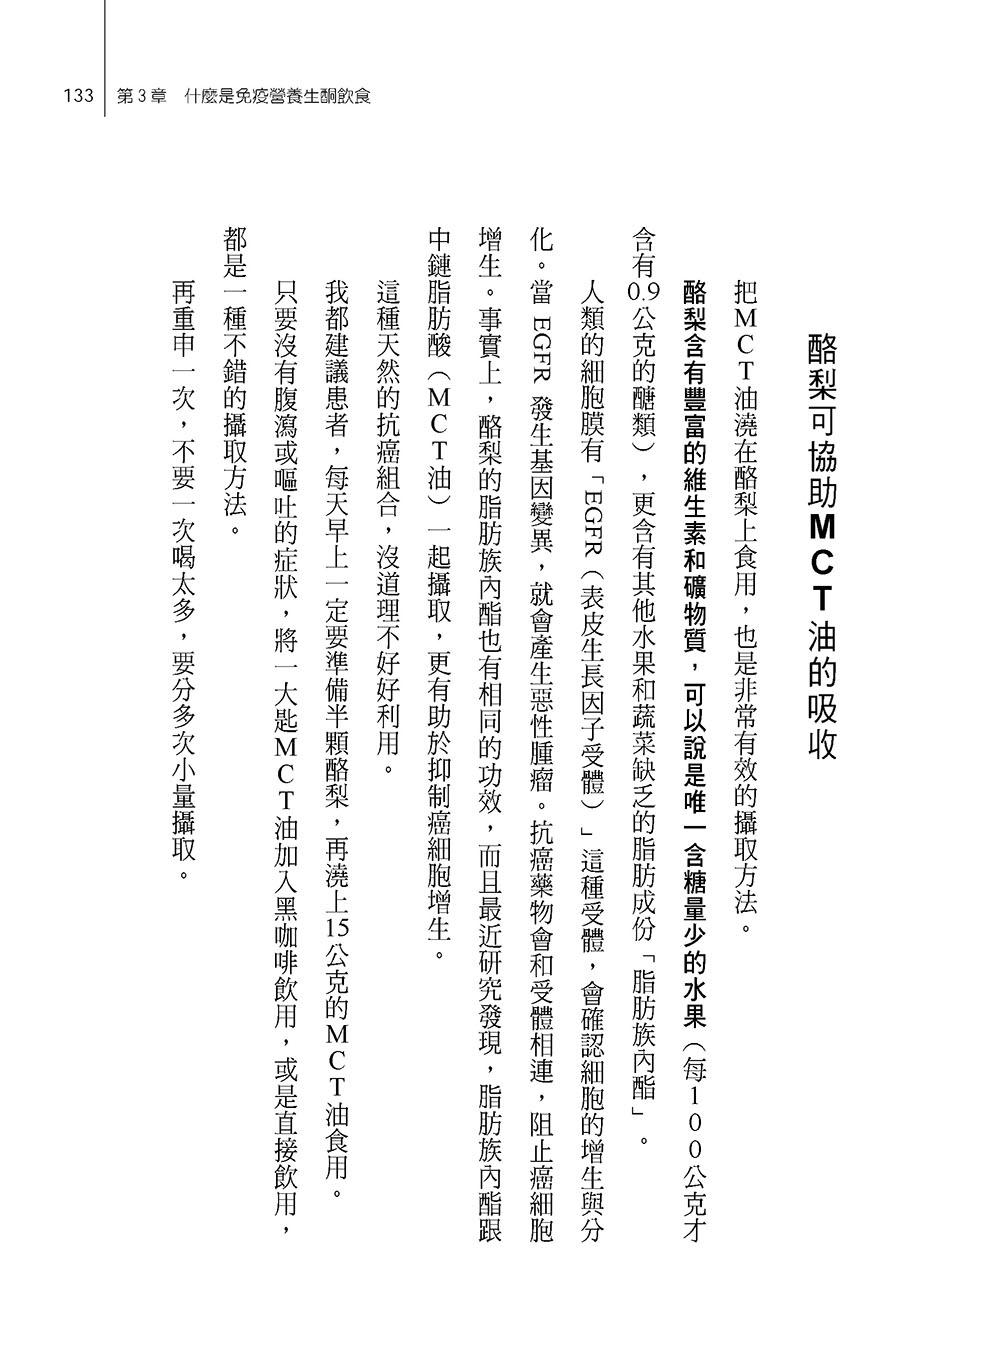 ◤博客來BOOKS◢ 暢銷書榜《推薦》免疫營養生酮飲食:理論基礎╳實驗依據╳臨床經驗,日本胰臟癌權威醫生的癌症治療飲食建議書